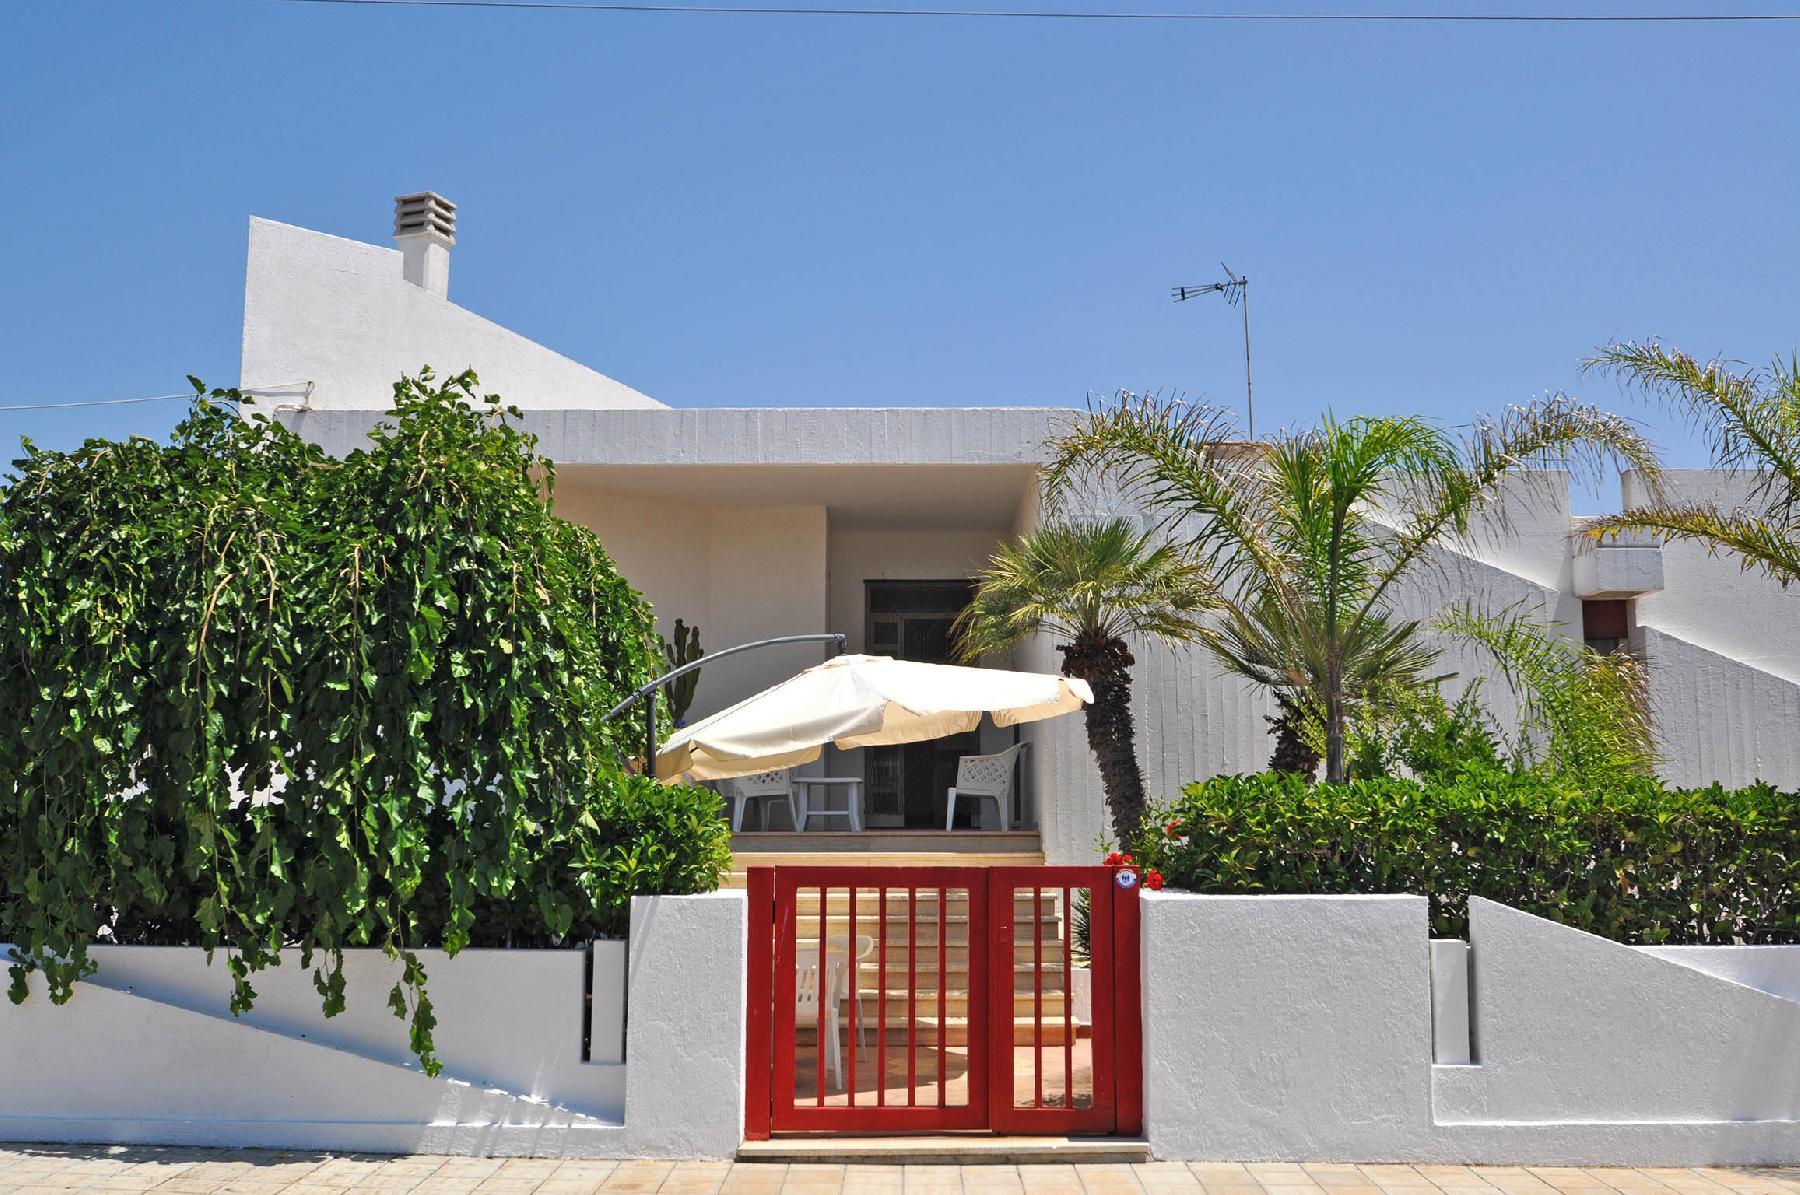 Villa con ampi spazi interni ed esterni, vicina al mare - VILLA LAVINIA